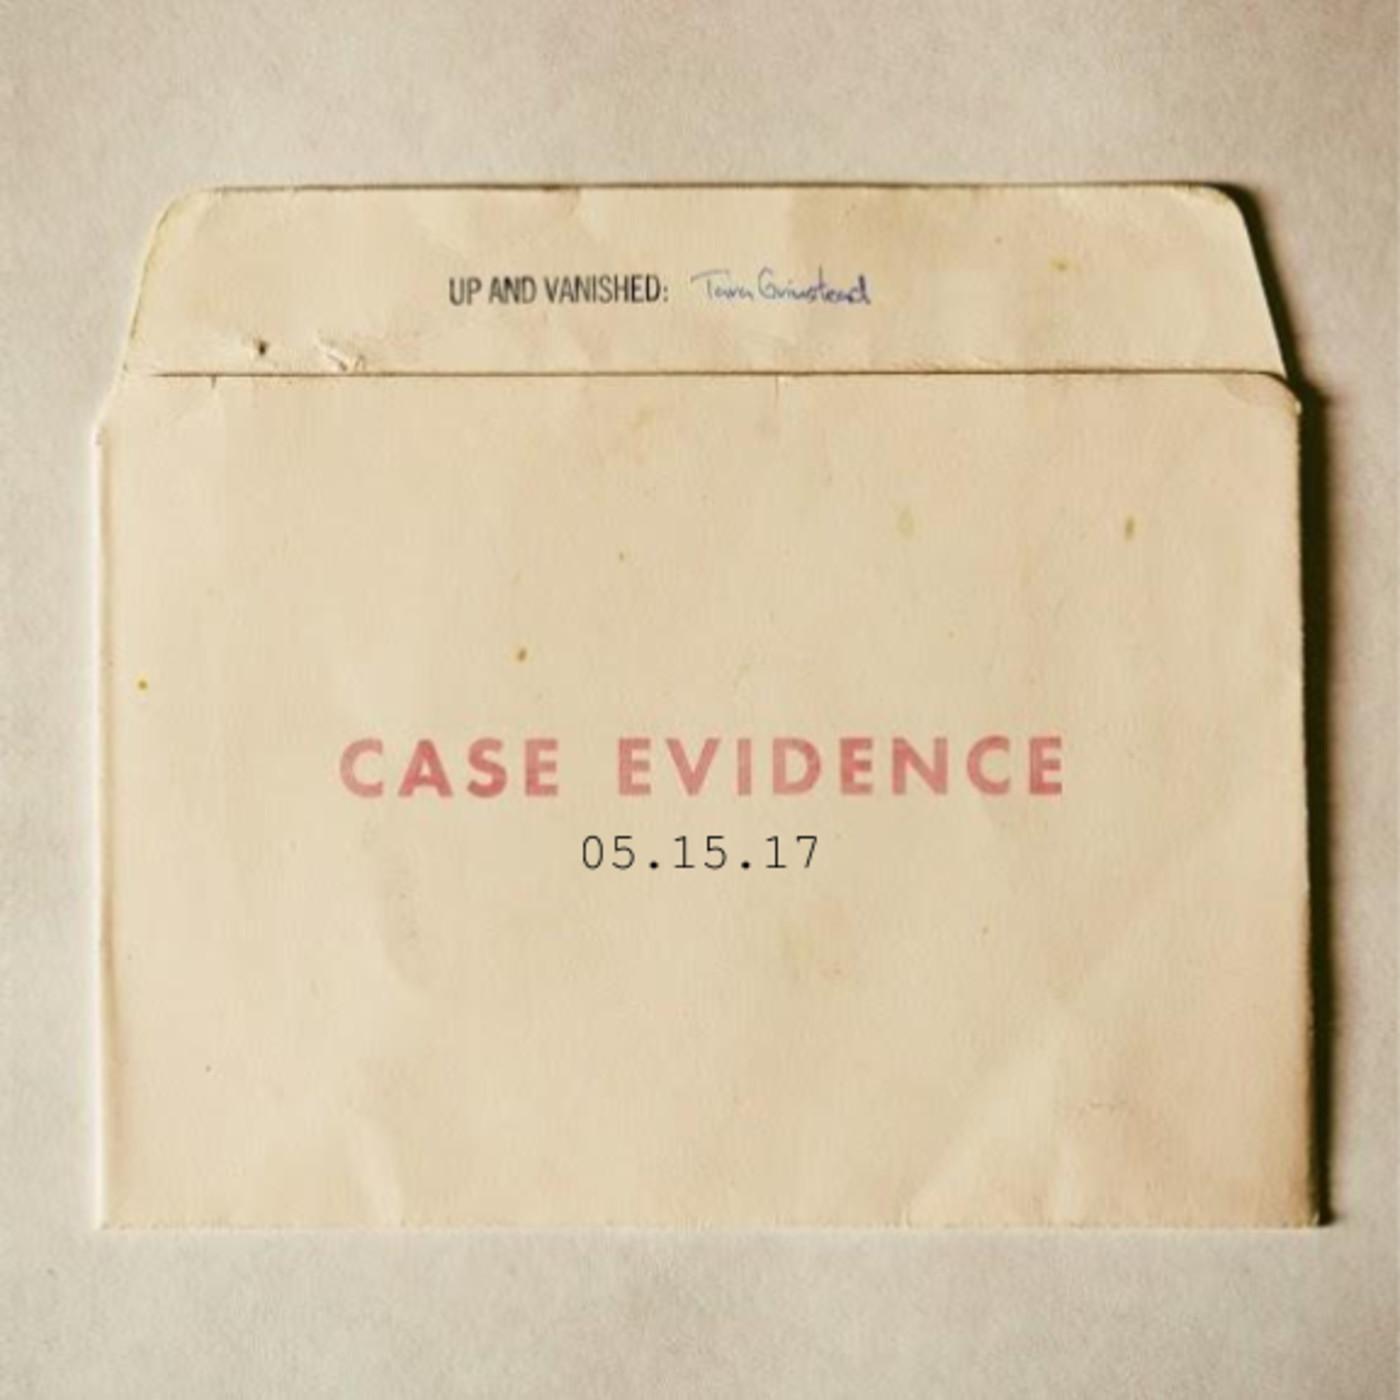 S1E : Case Evidence 05.15.17